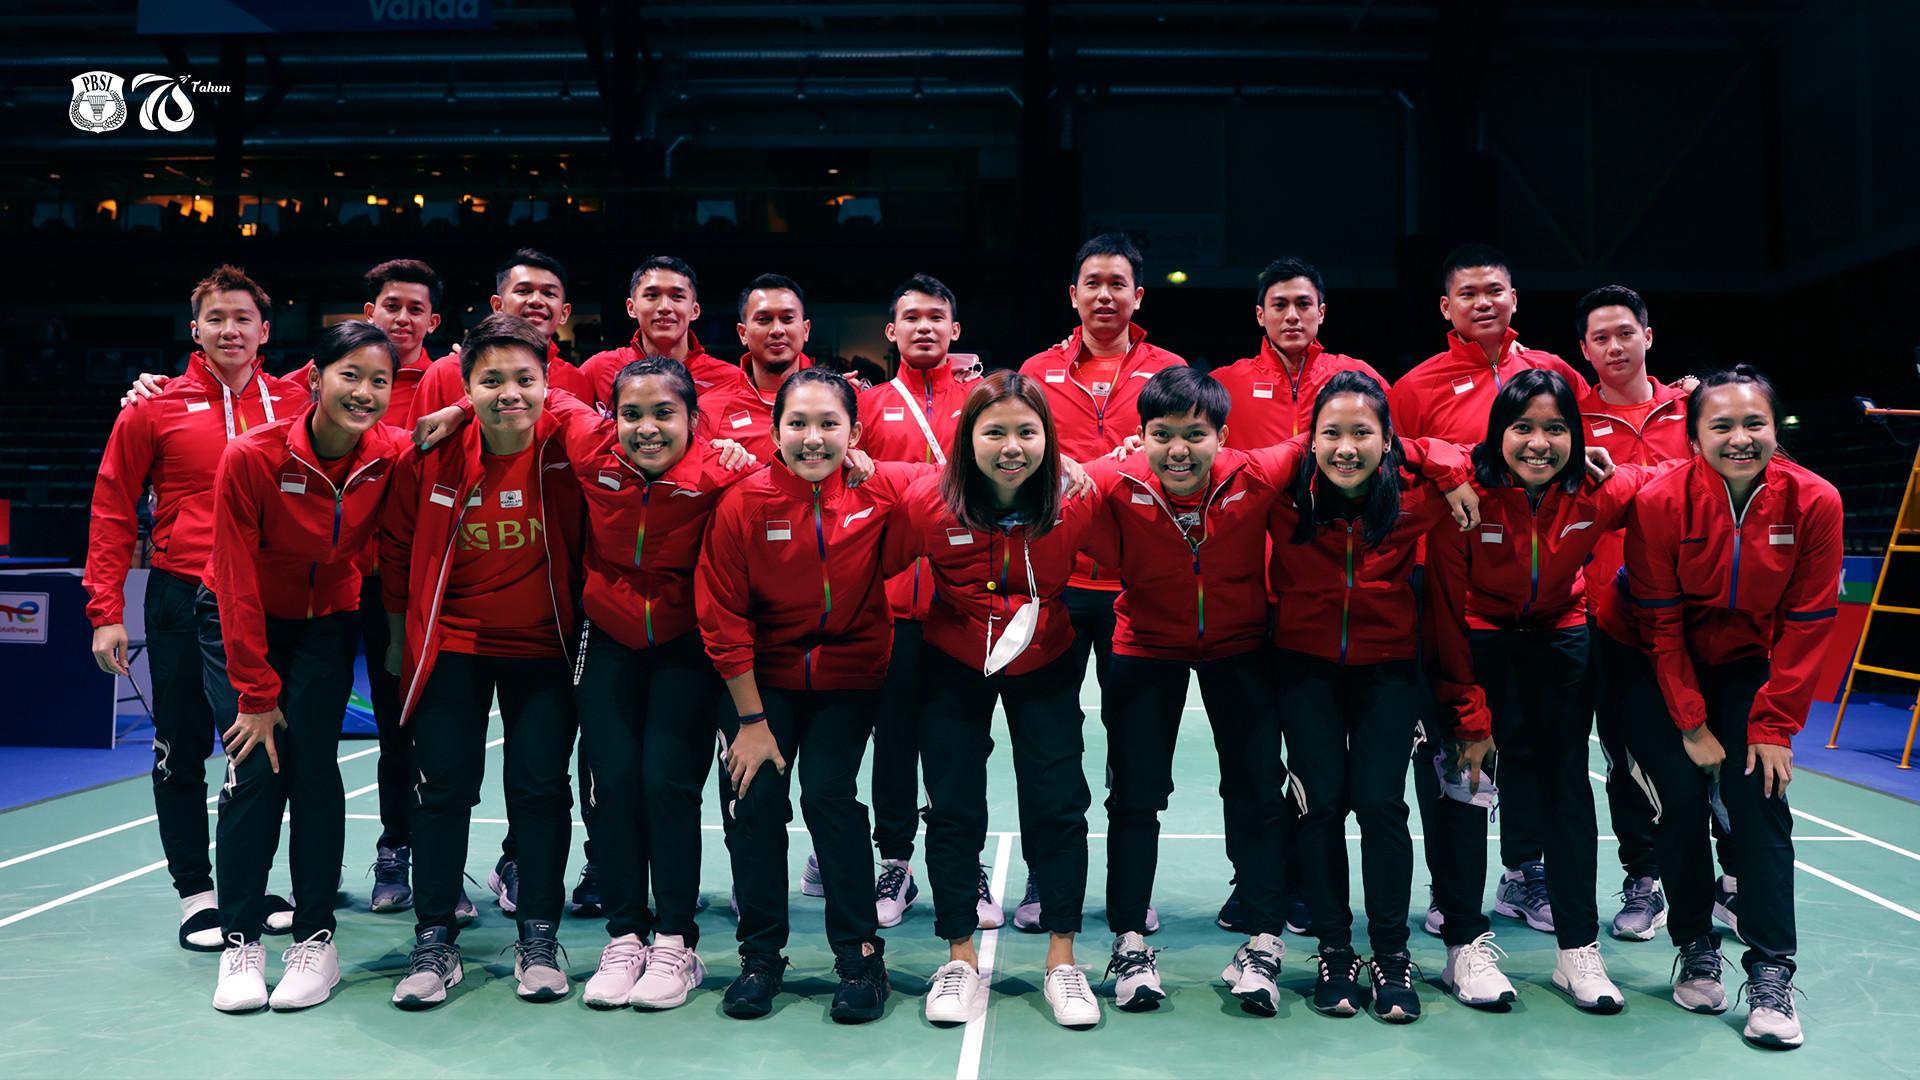 PBSI Puas Indonesia Menang Mudah Lawan Rusia di Piala Sudirman - JPNN.com